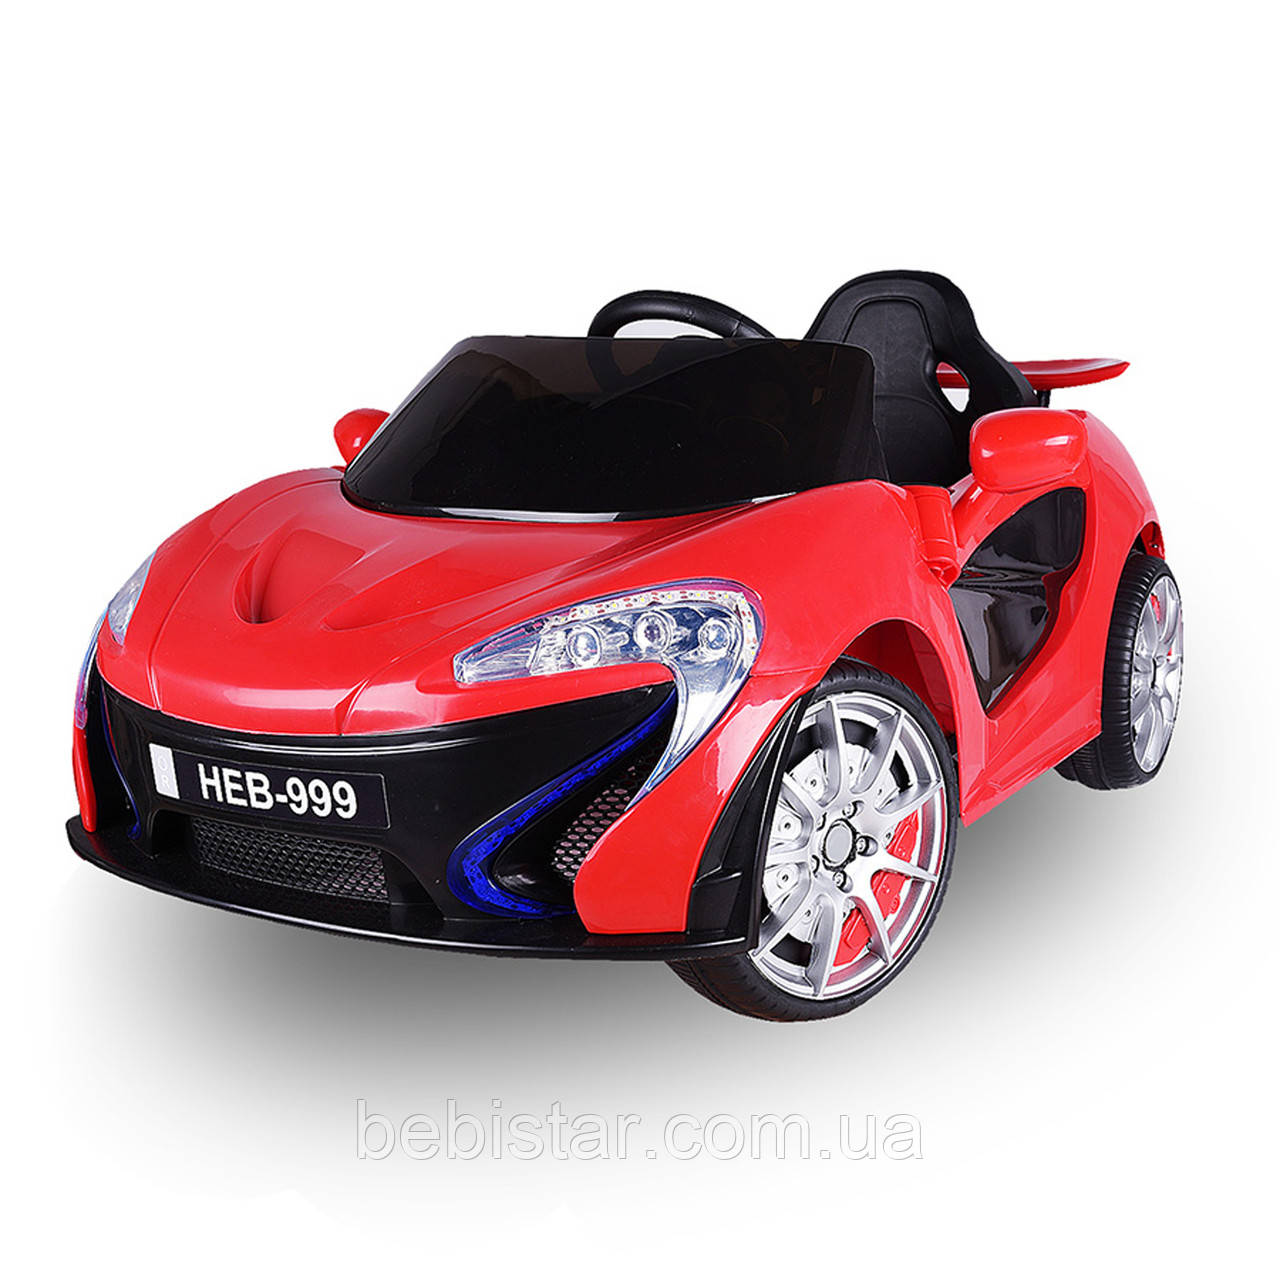 Детский электоромобиль суперкар T-7632 RED деткам 3-8 лет с пультом мотор 2*25W аккумулятор 2*6V4,5AH с MP3